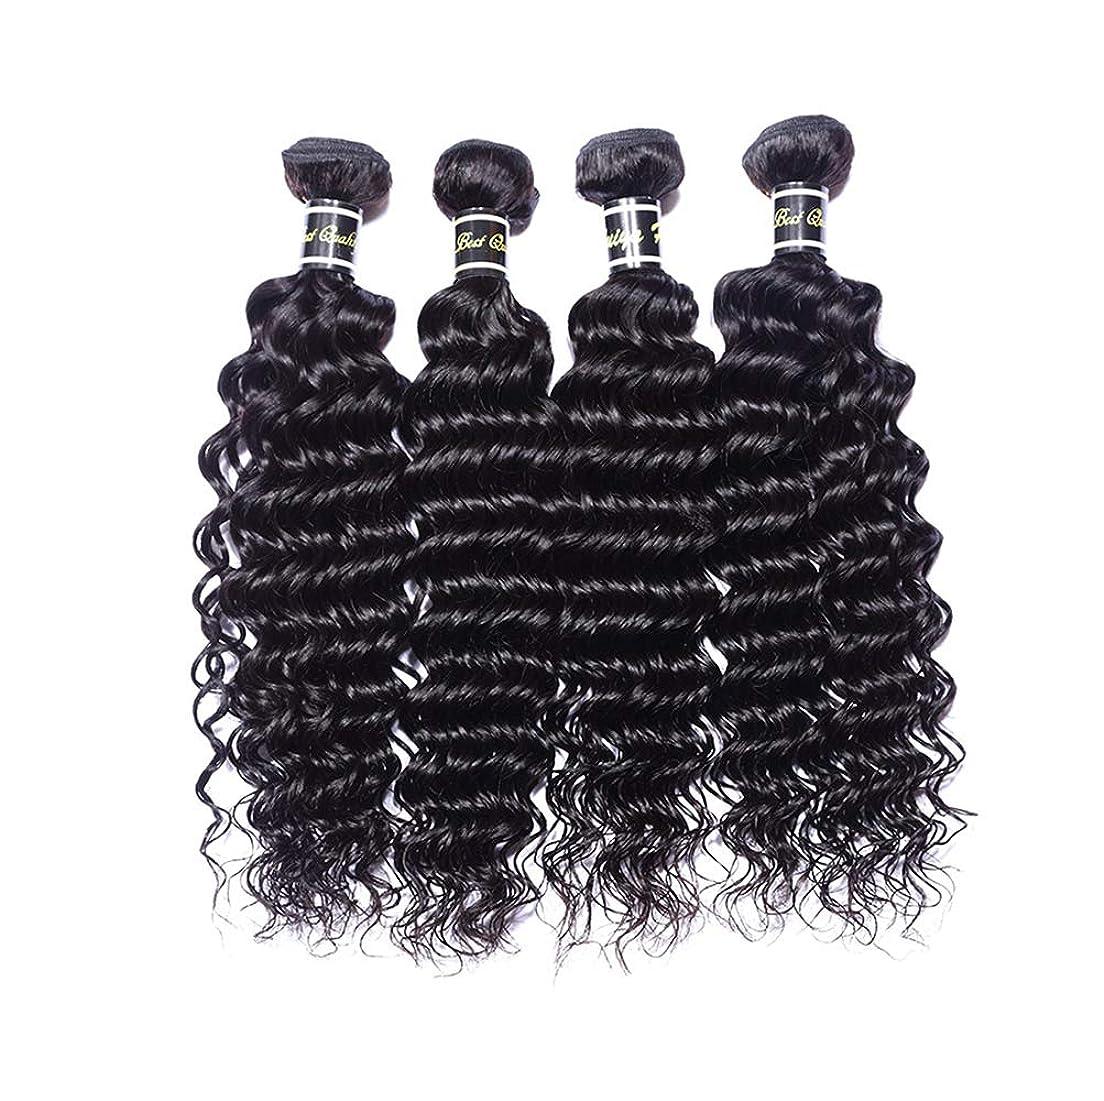 最少グラス検体髪織り8aブラジルバージンヘアディープウェーブバンドル人間の髪バンドルディープウェーブブラジルヘアバンドルディープウェーブ人間の髪